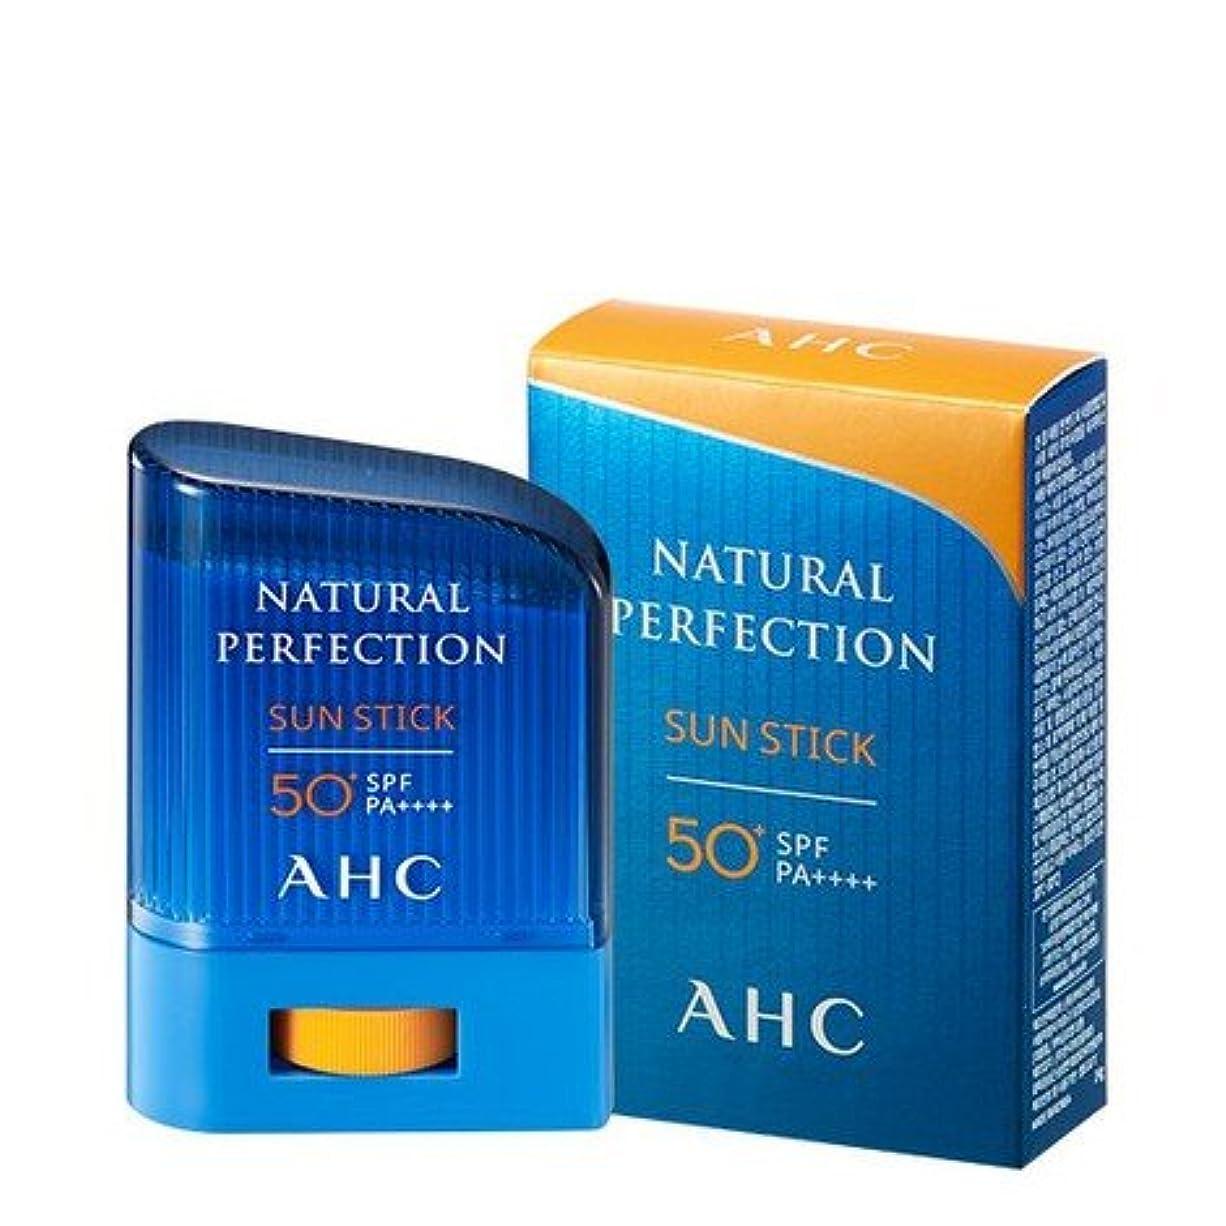 ピンク高度なアート[Renewal 最新] AHCナチュラルパーフェクション線スティック / AHC NATURAL PERFECTION SUN STICK [SPF 50+ / PA ++++] [並行輸入品] (22g)